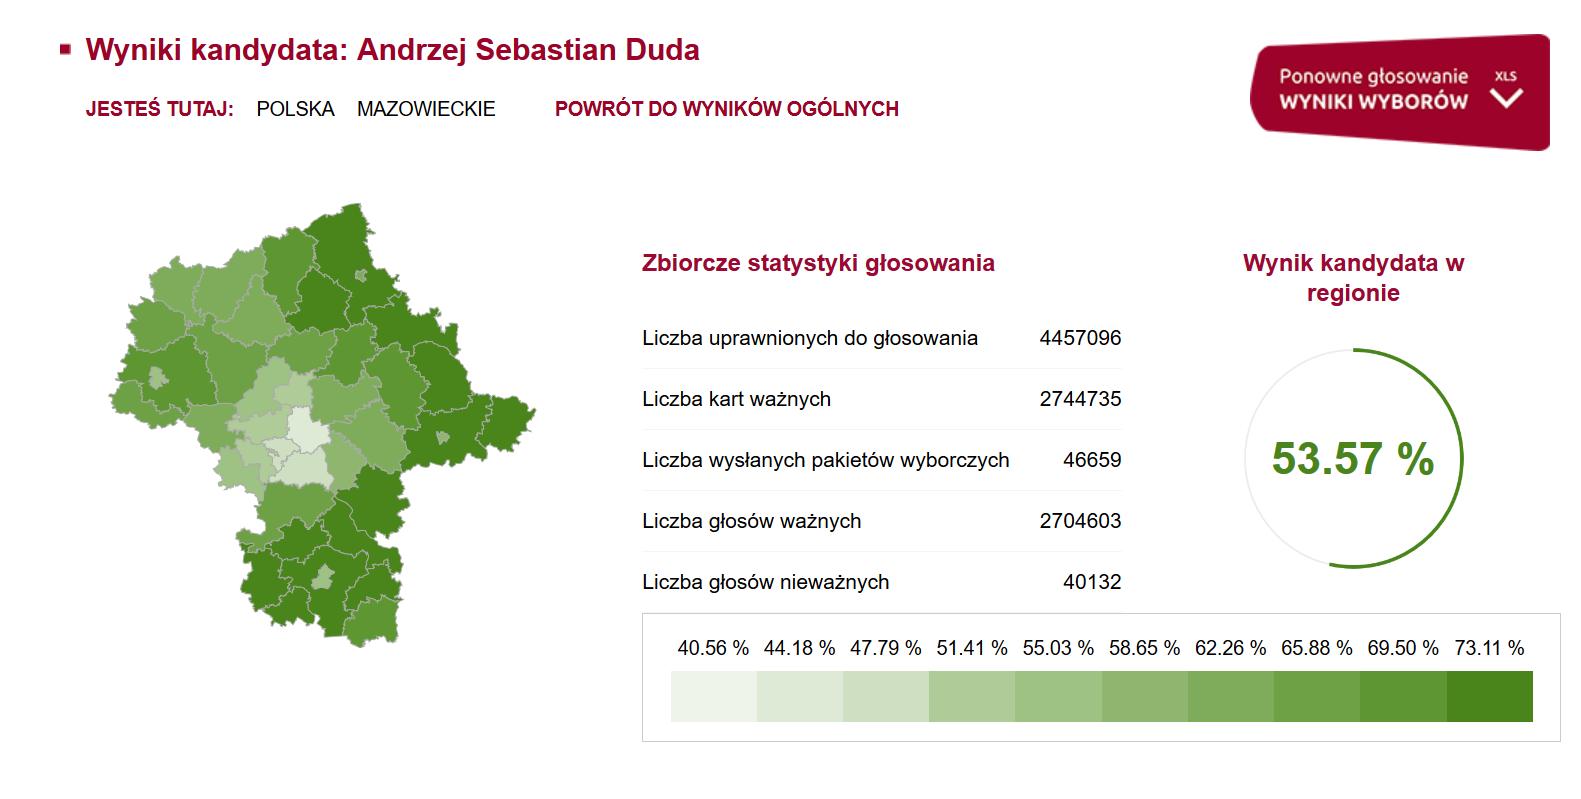 Województwo mazowieckie: wyniki Andrzeja Dudy w drugiej turze wyborów prezydenckich w 2015 roku